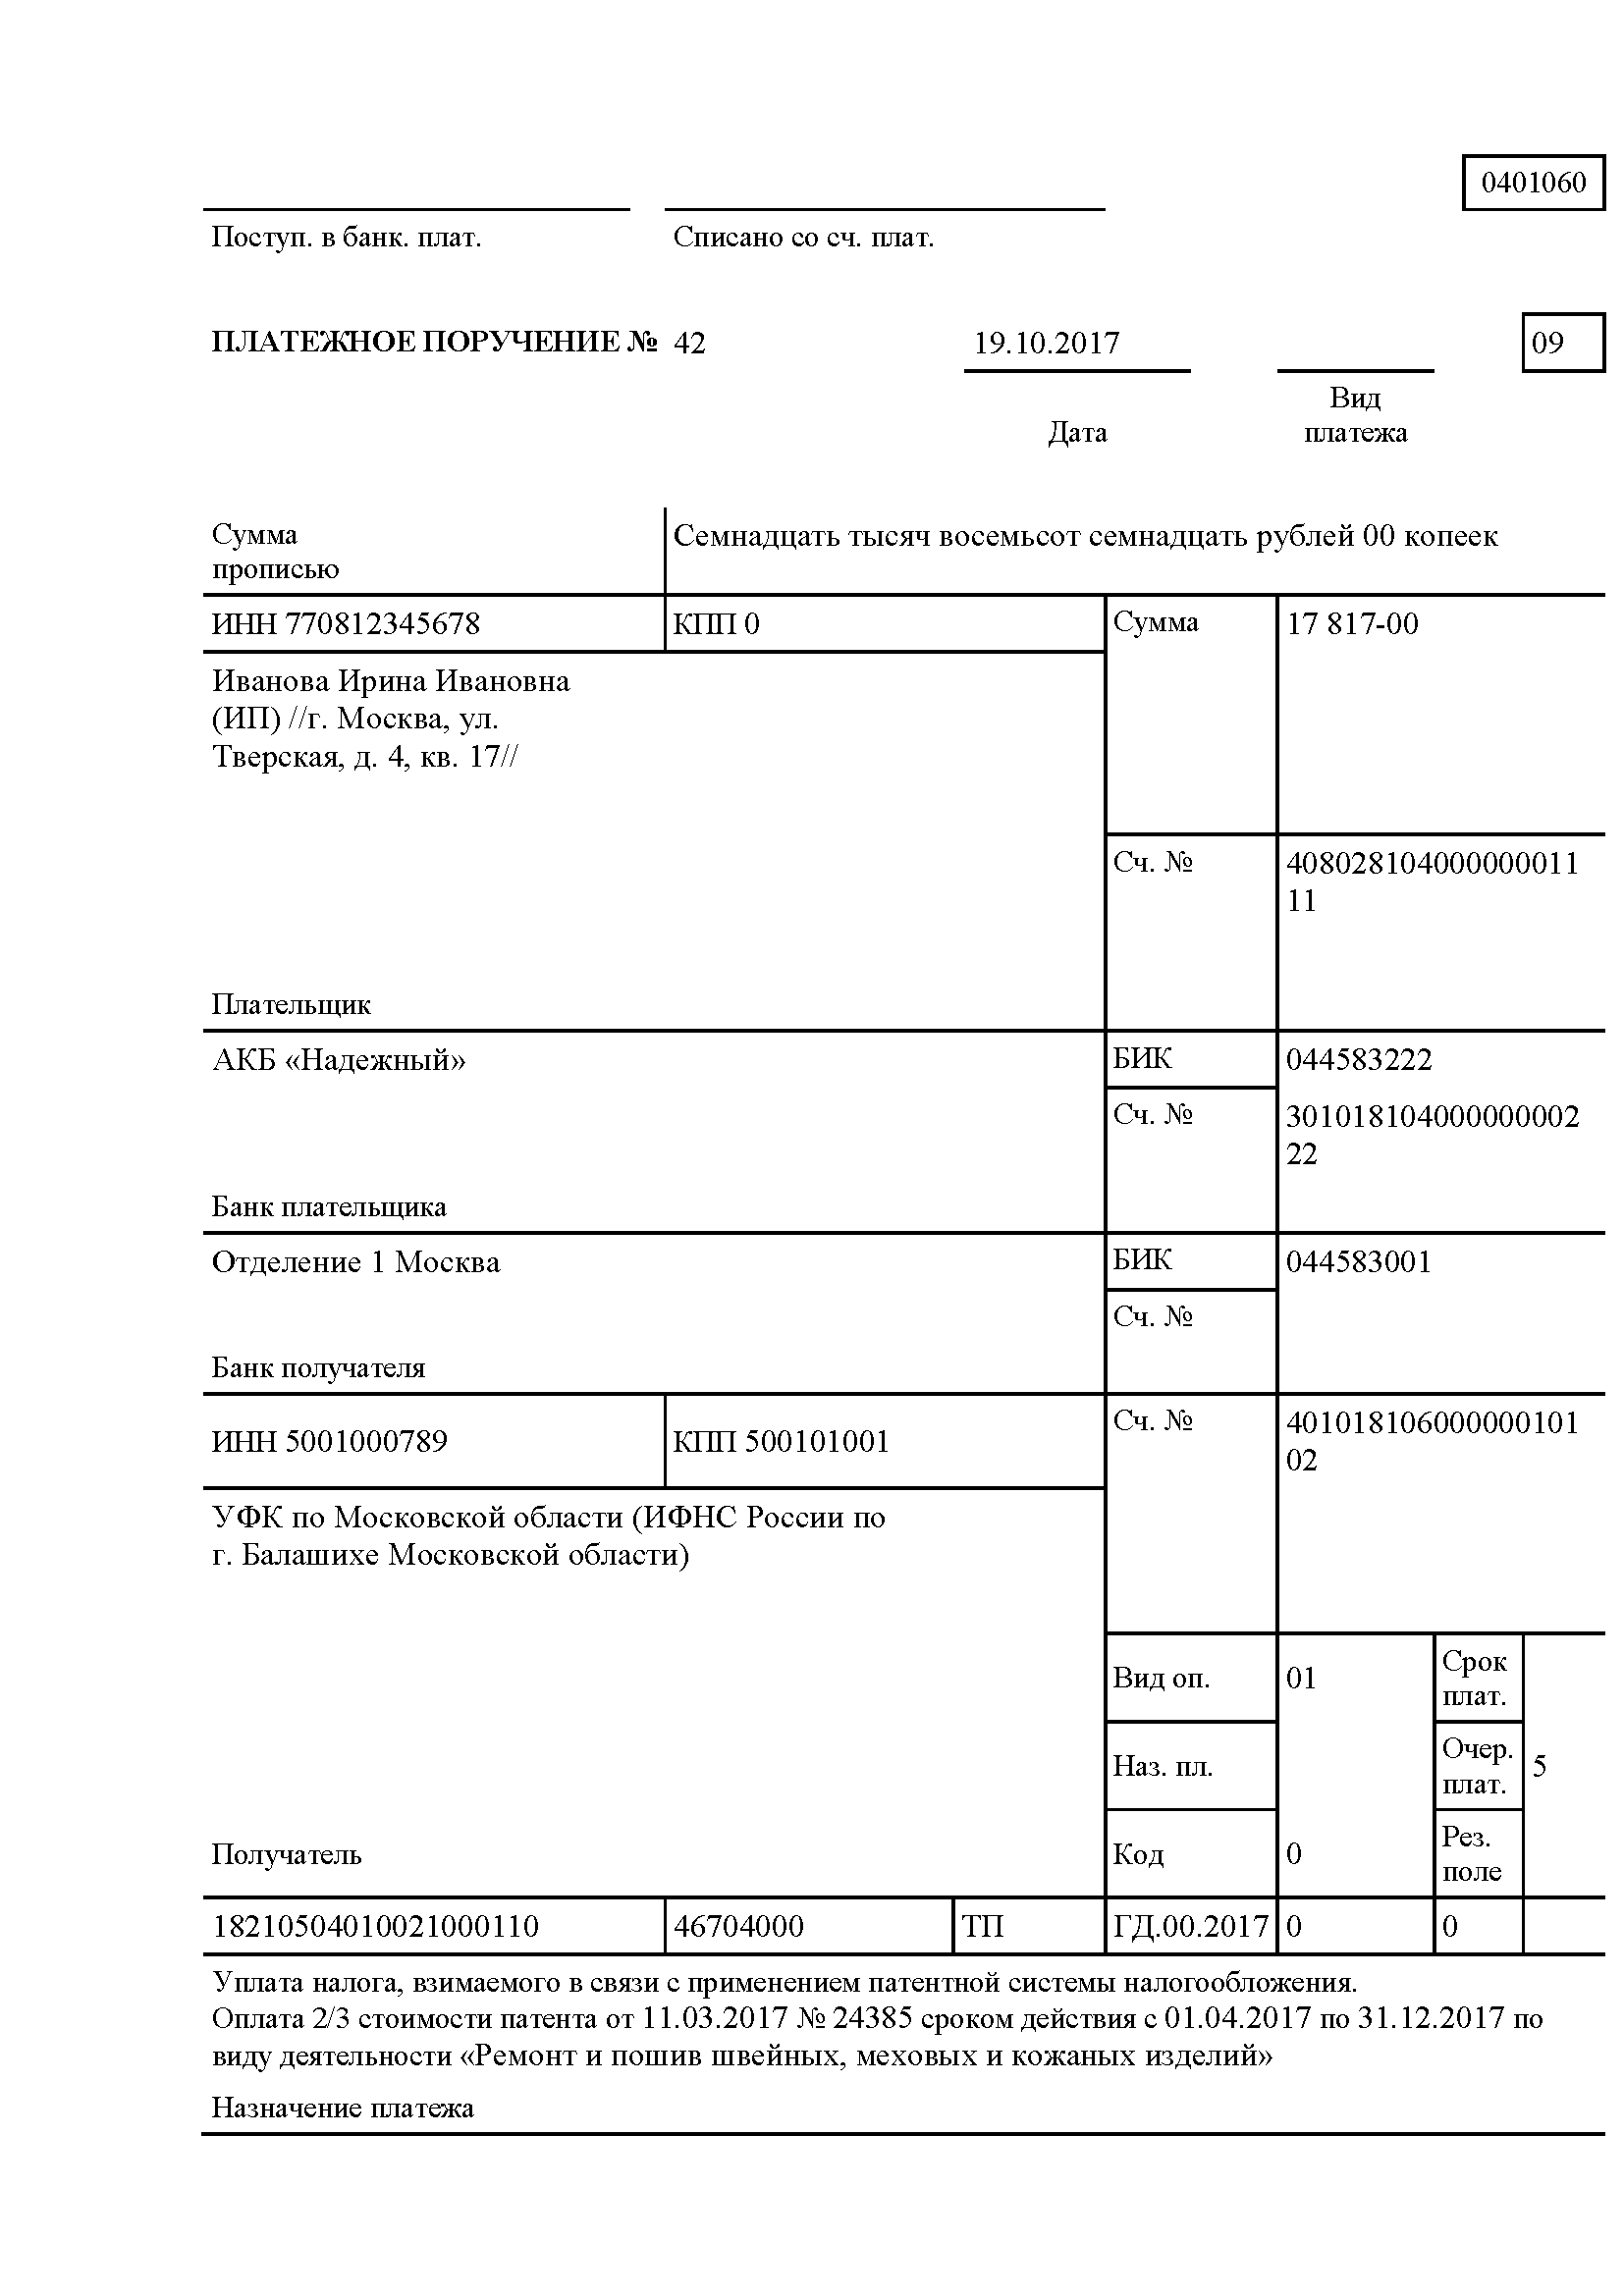 Реквизиты для оплаты патента для ИП в 2019 году